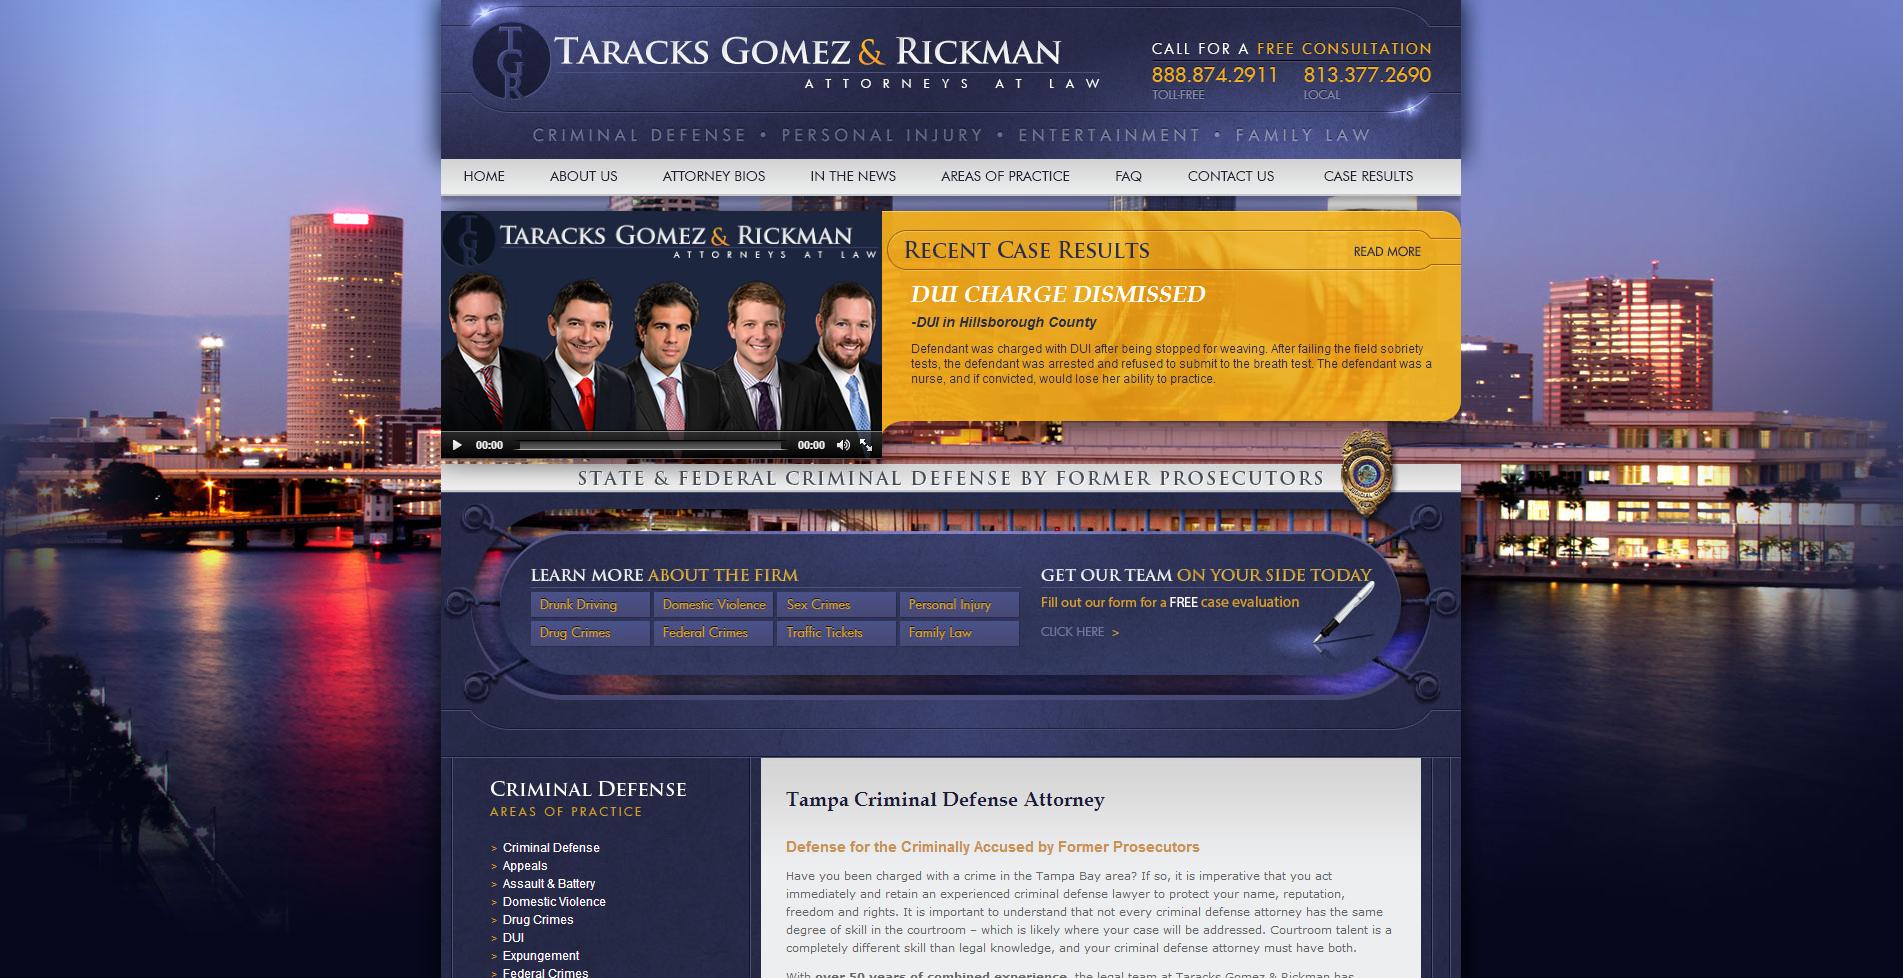 Tampa Criminal Defense Lawyer Taracks Gomez Rickman Www